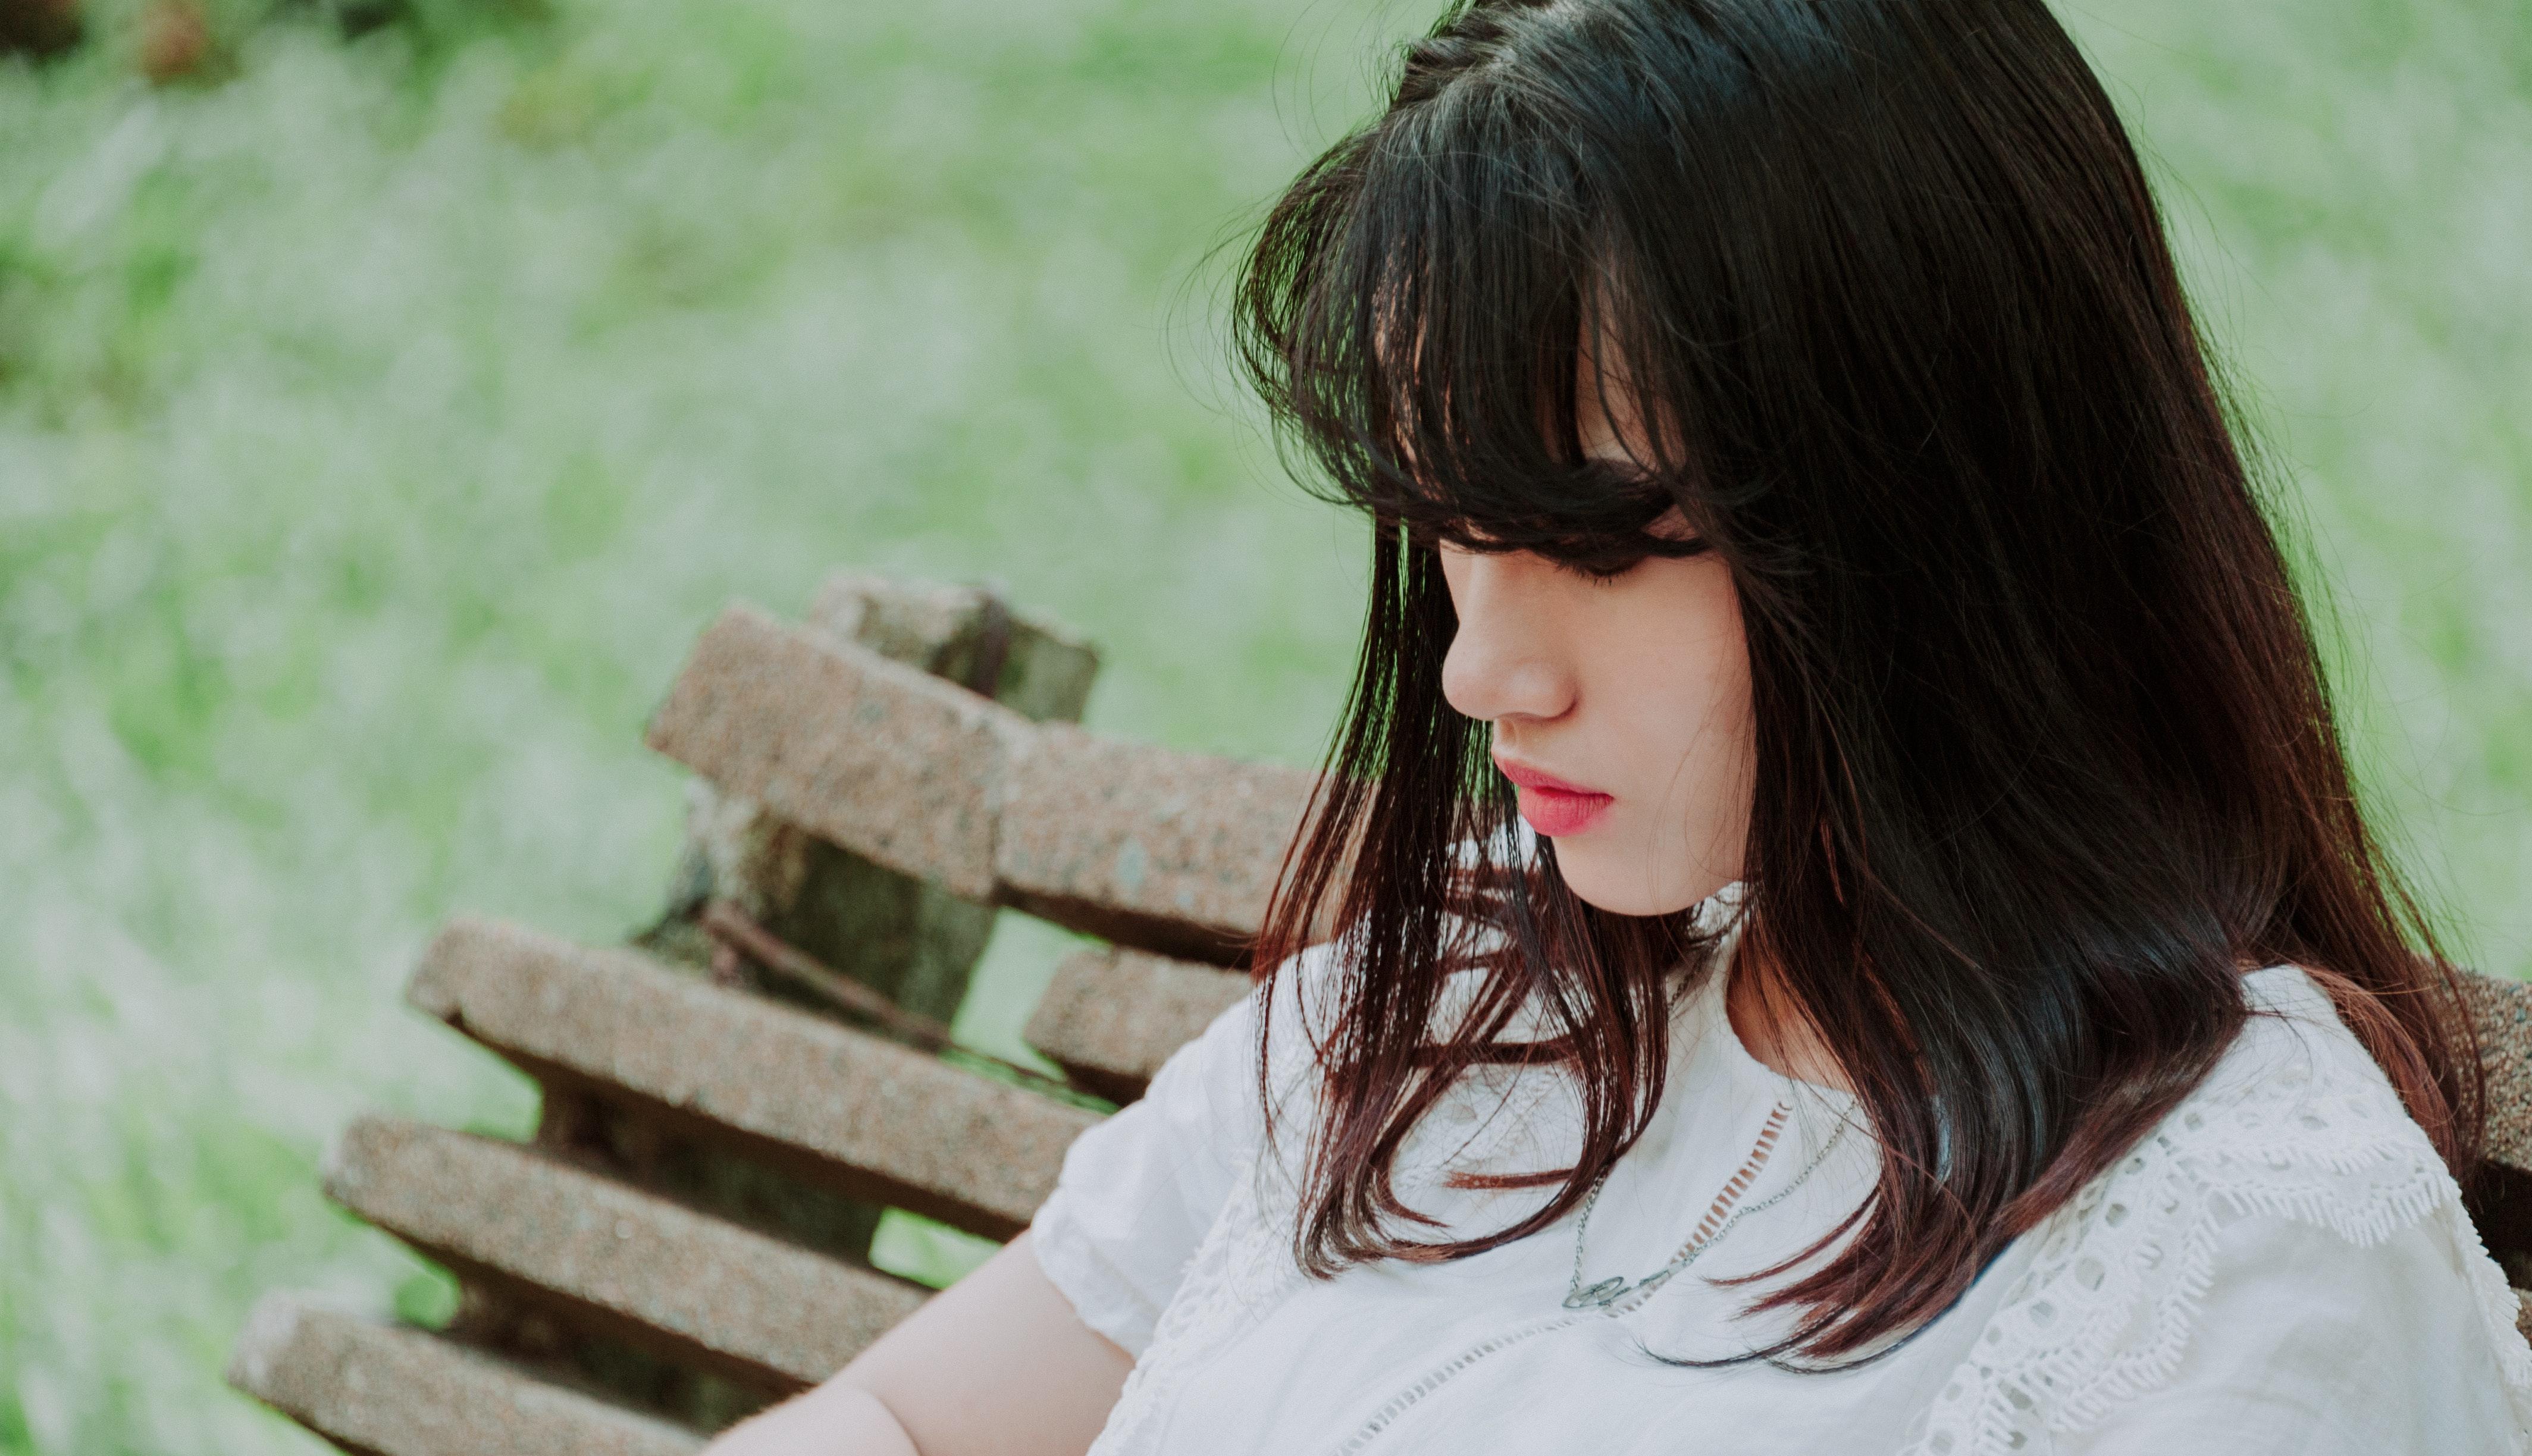 Комментарии к волосу девушки — img 1